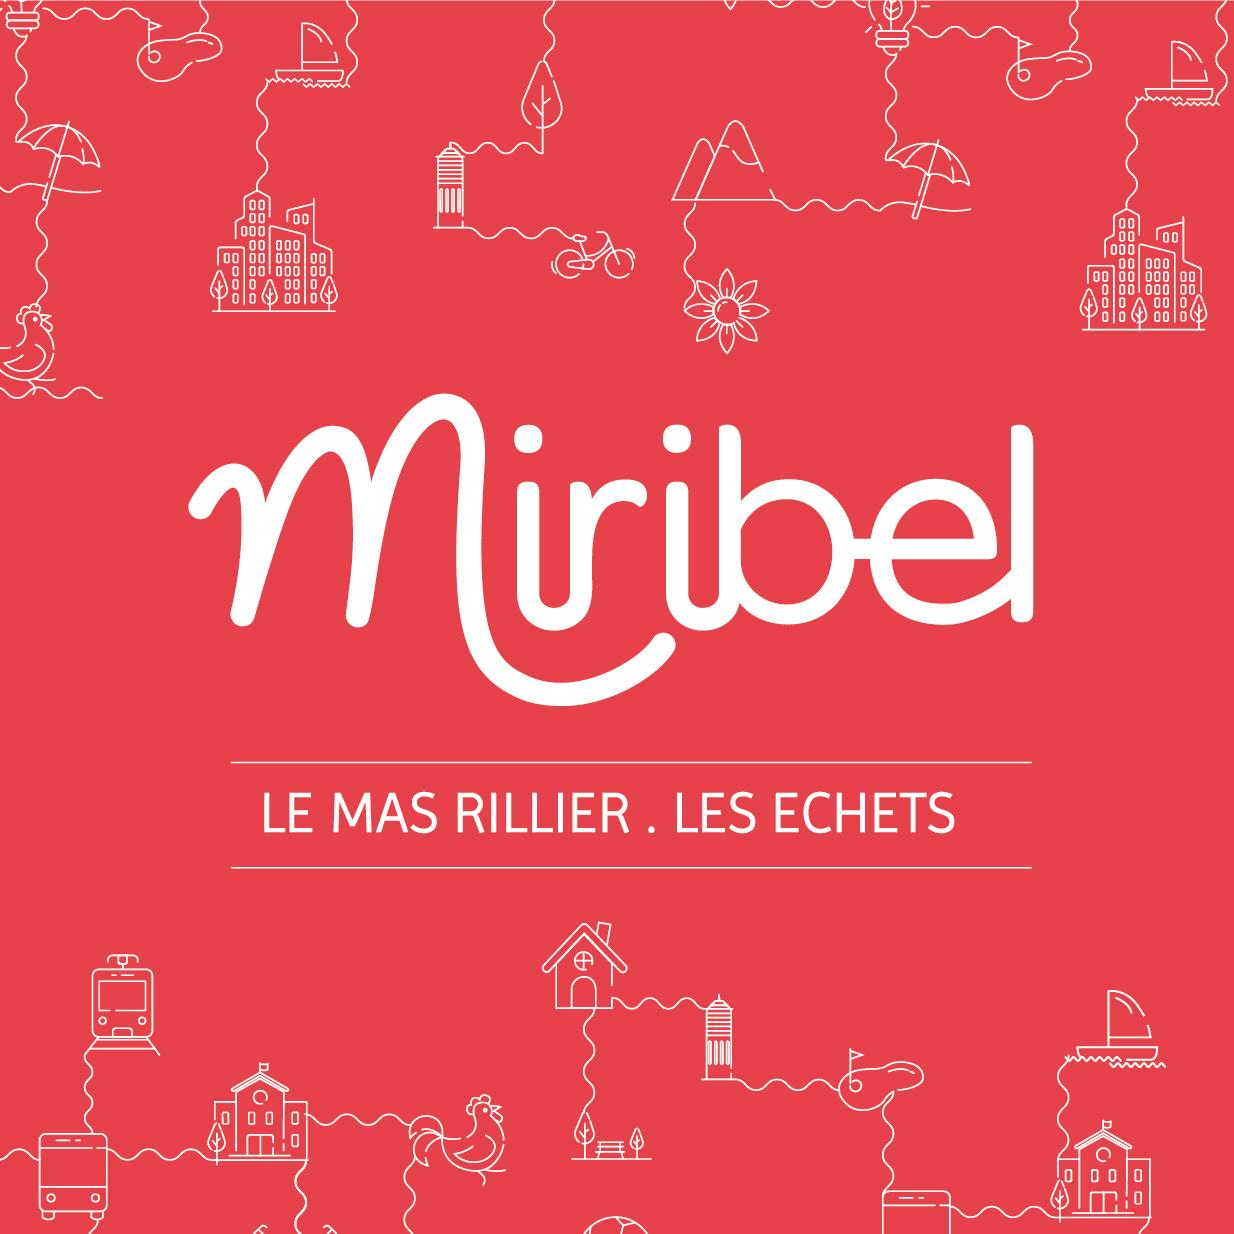 Charte graphique de la ville de Miribel